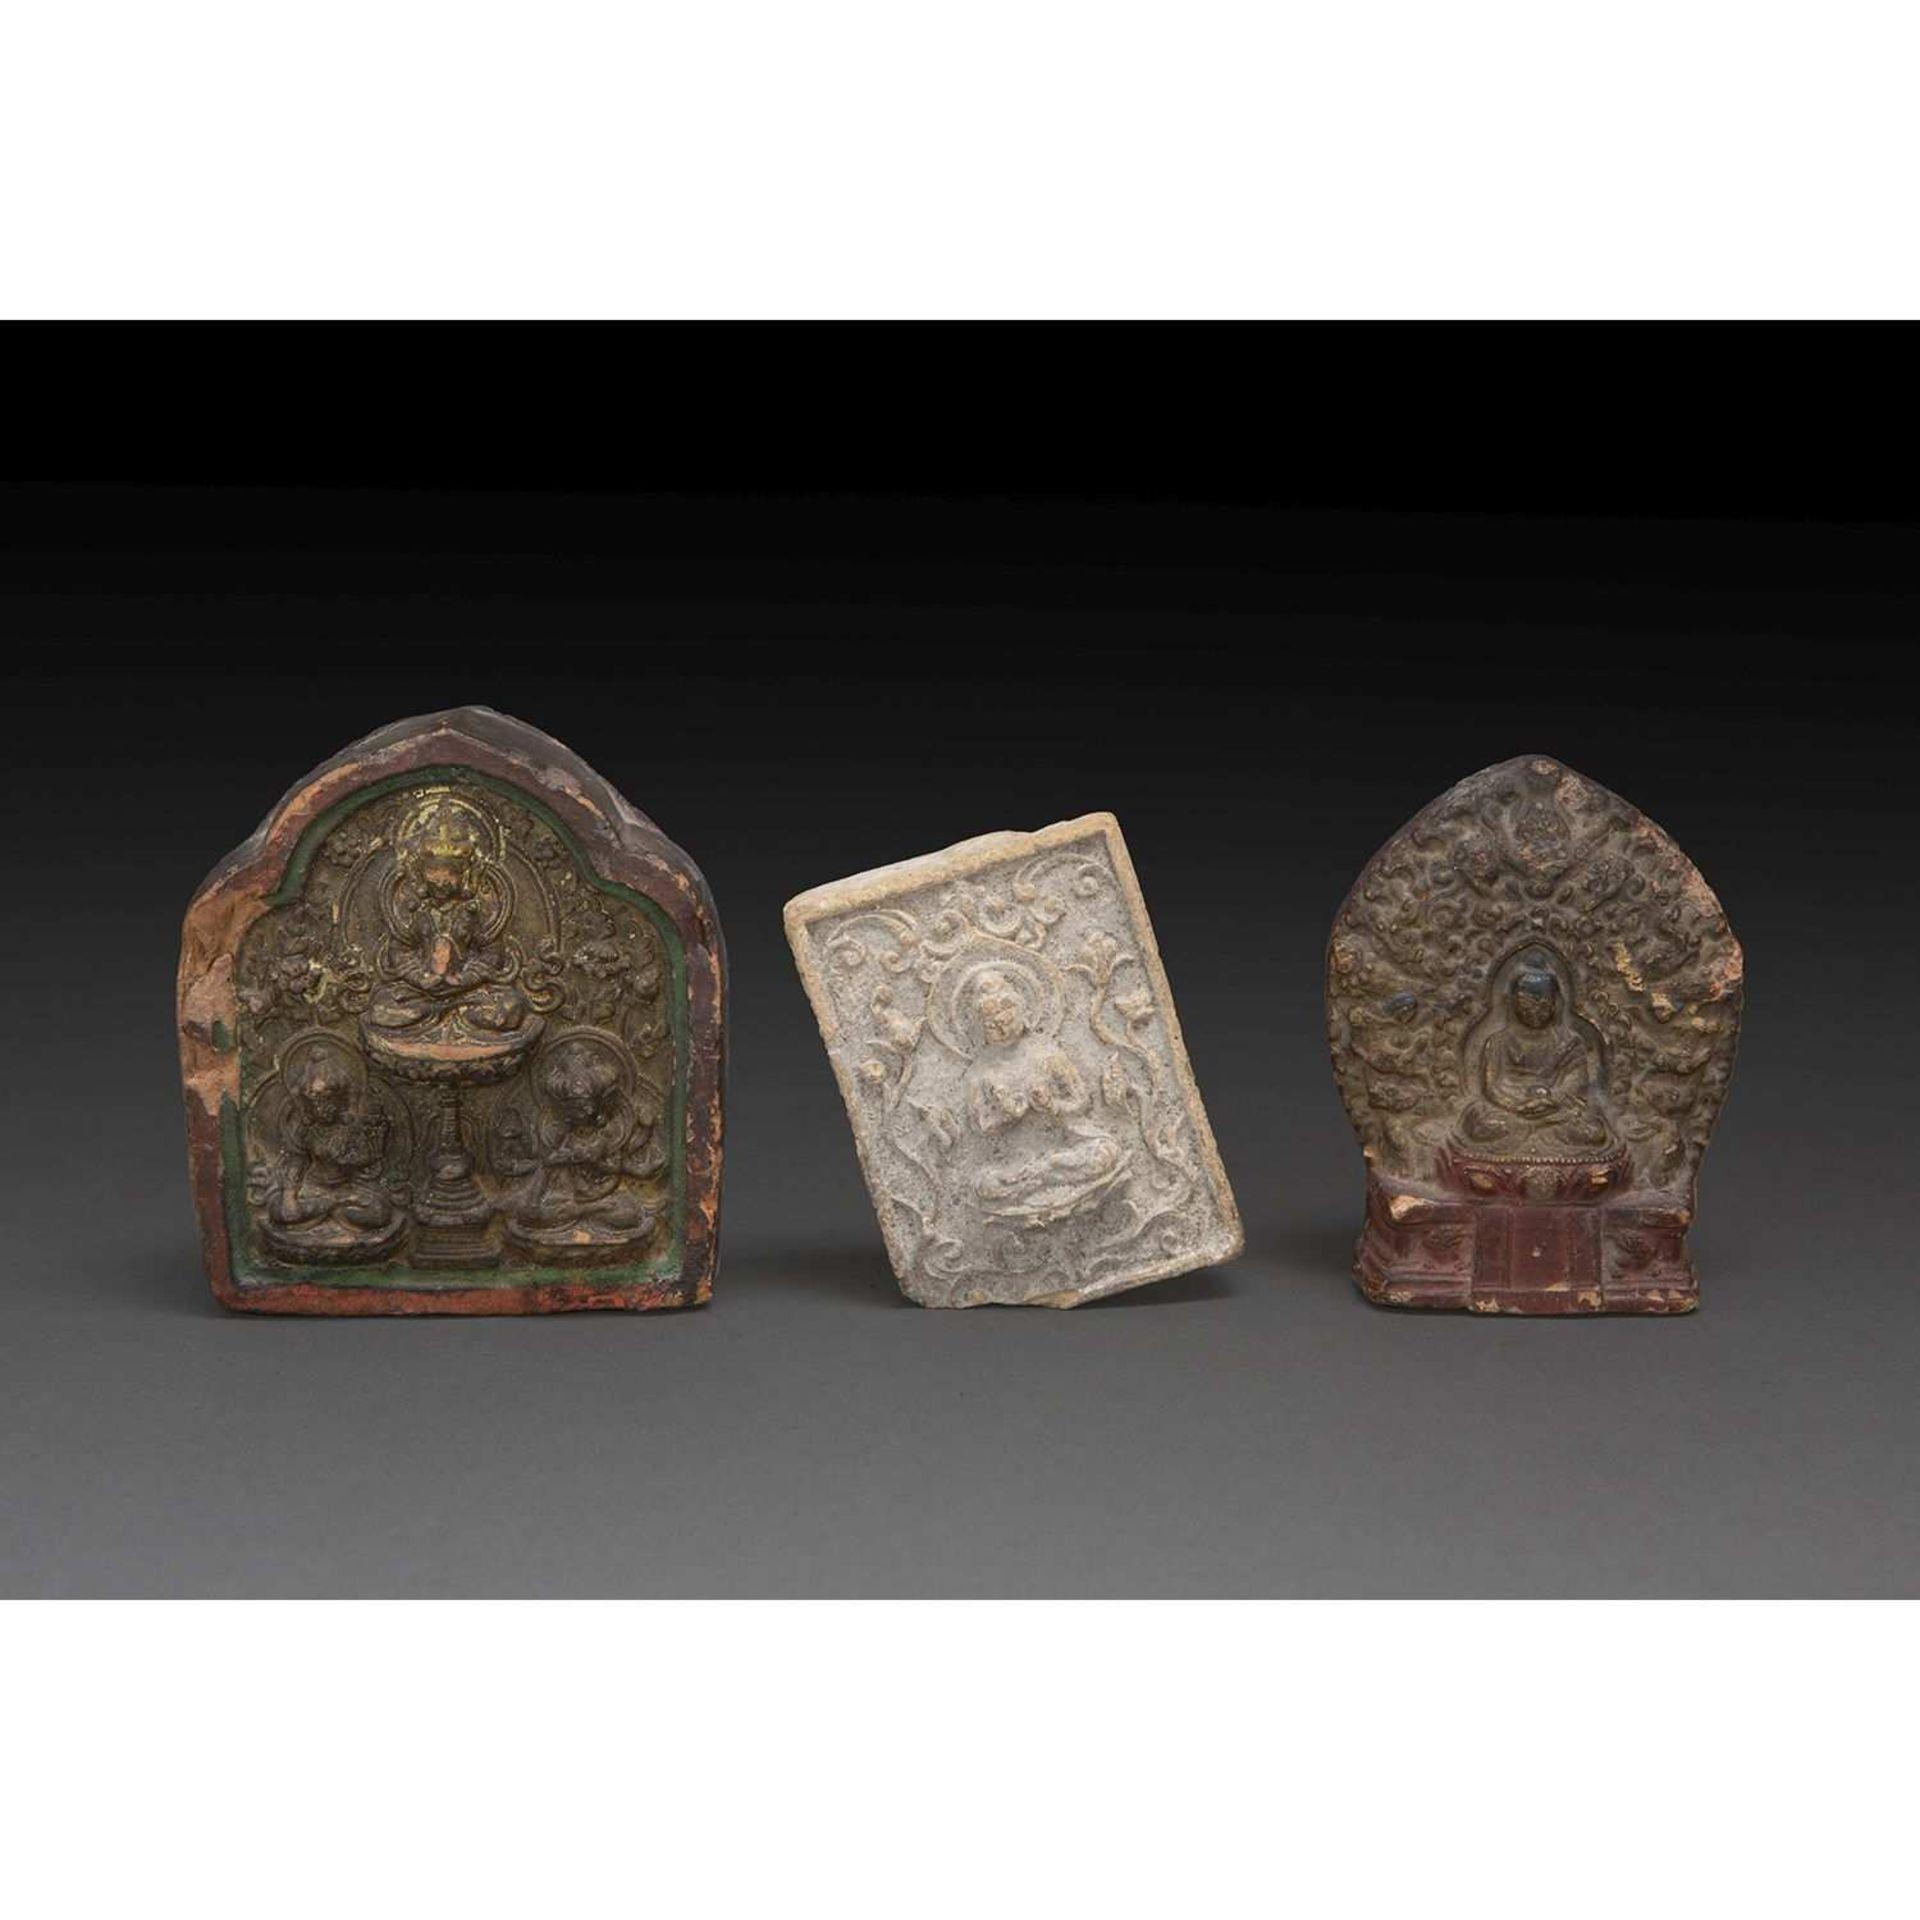 LOT DE TROIS TSA-TSA en terre cuite, deux en forme de stèle, rehaussés de polychromie,